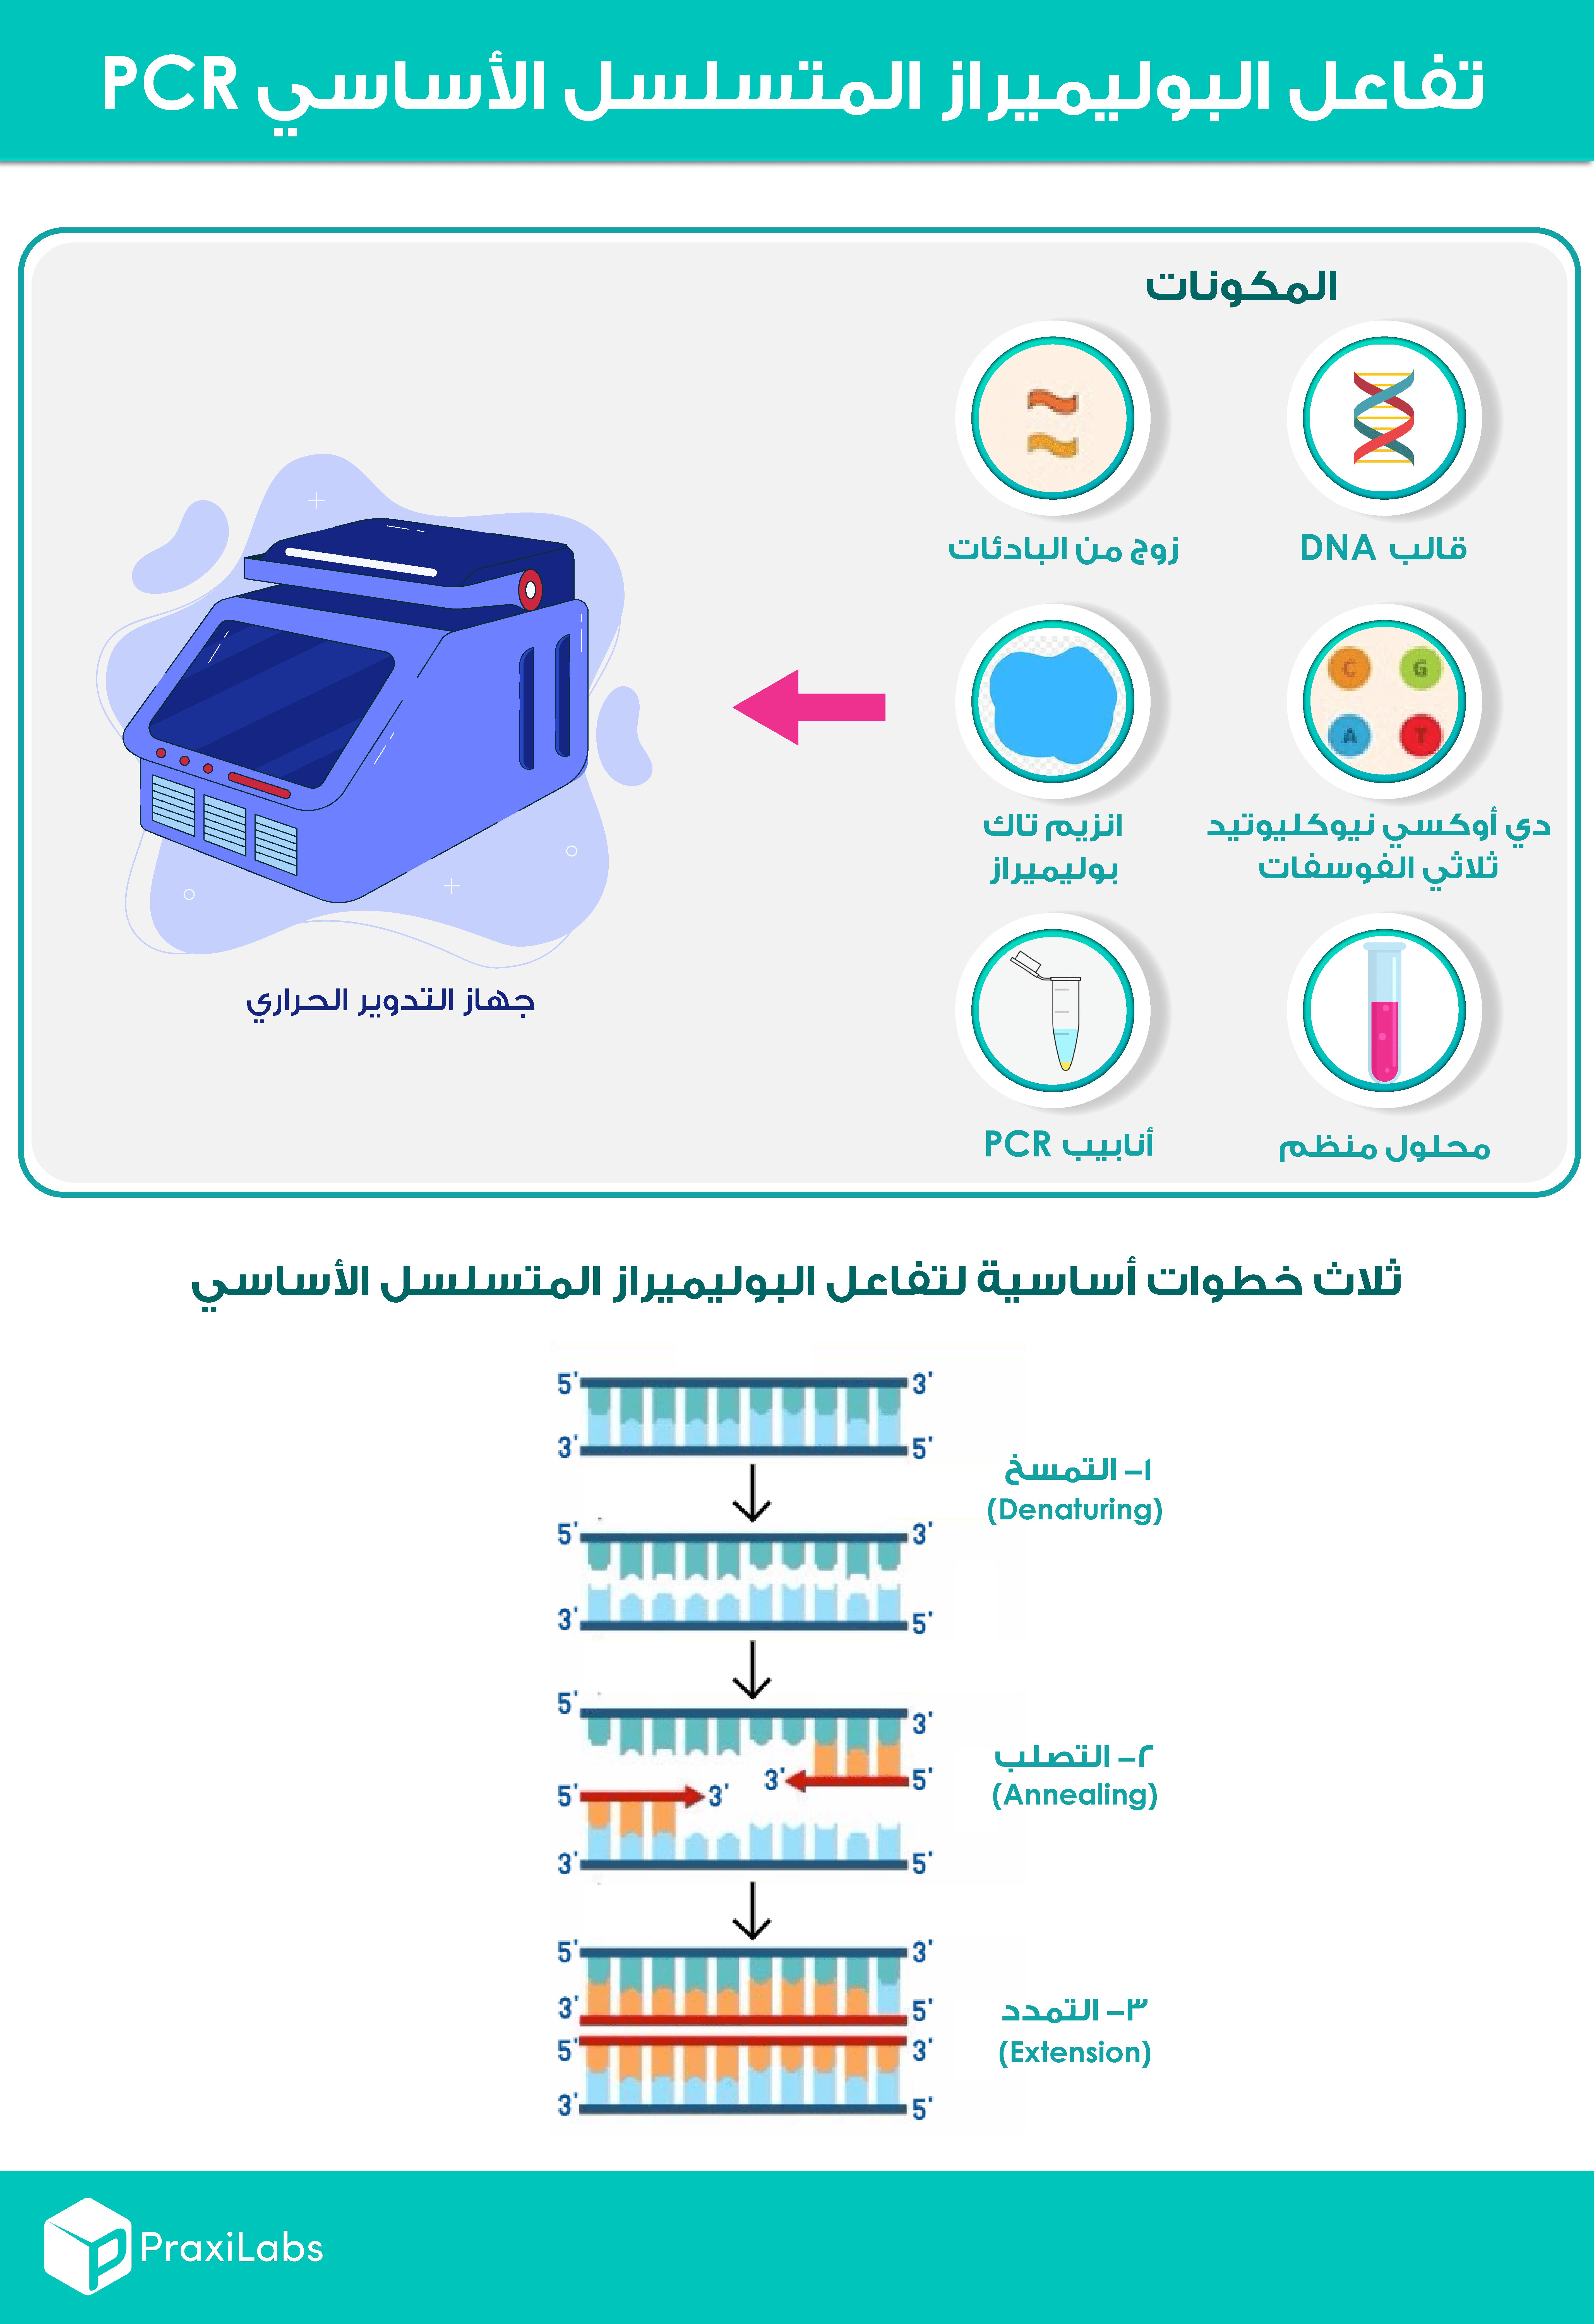 مكونات وخطوات تفاعل البوليميراز المتسلسل